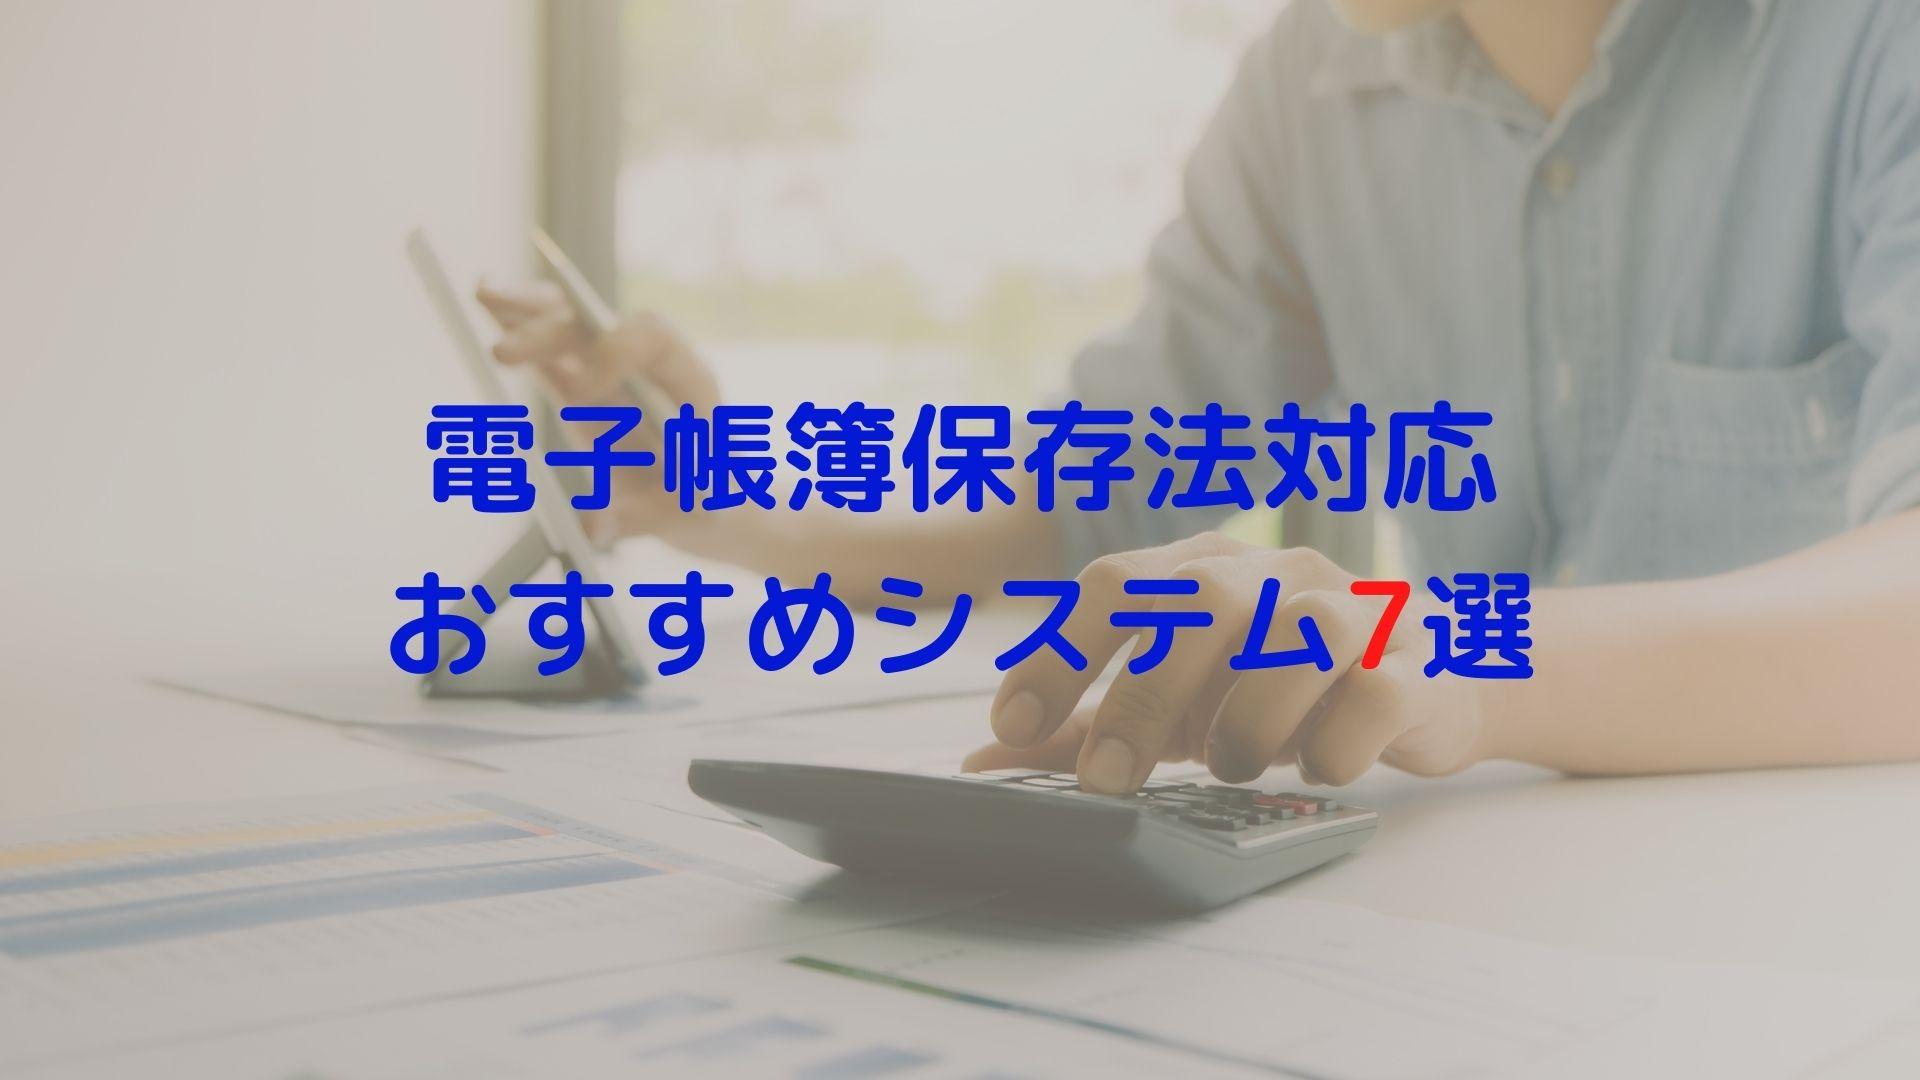 電子帳簿保存法システム